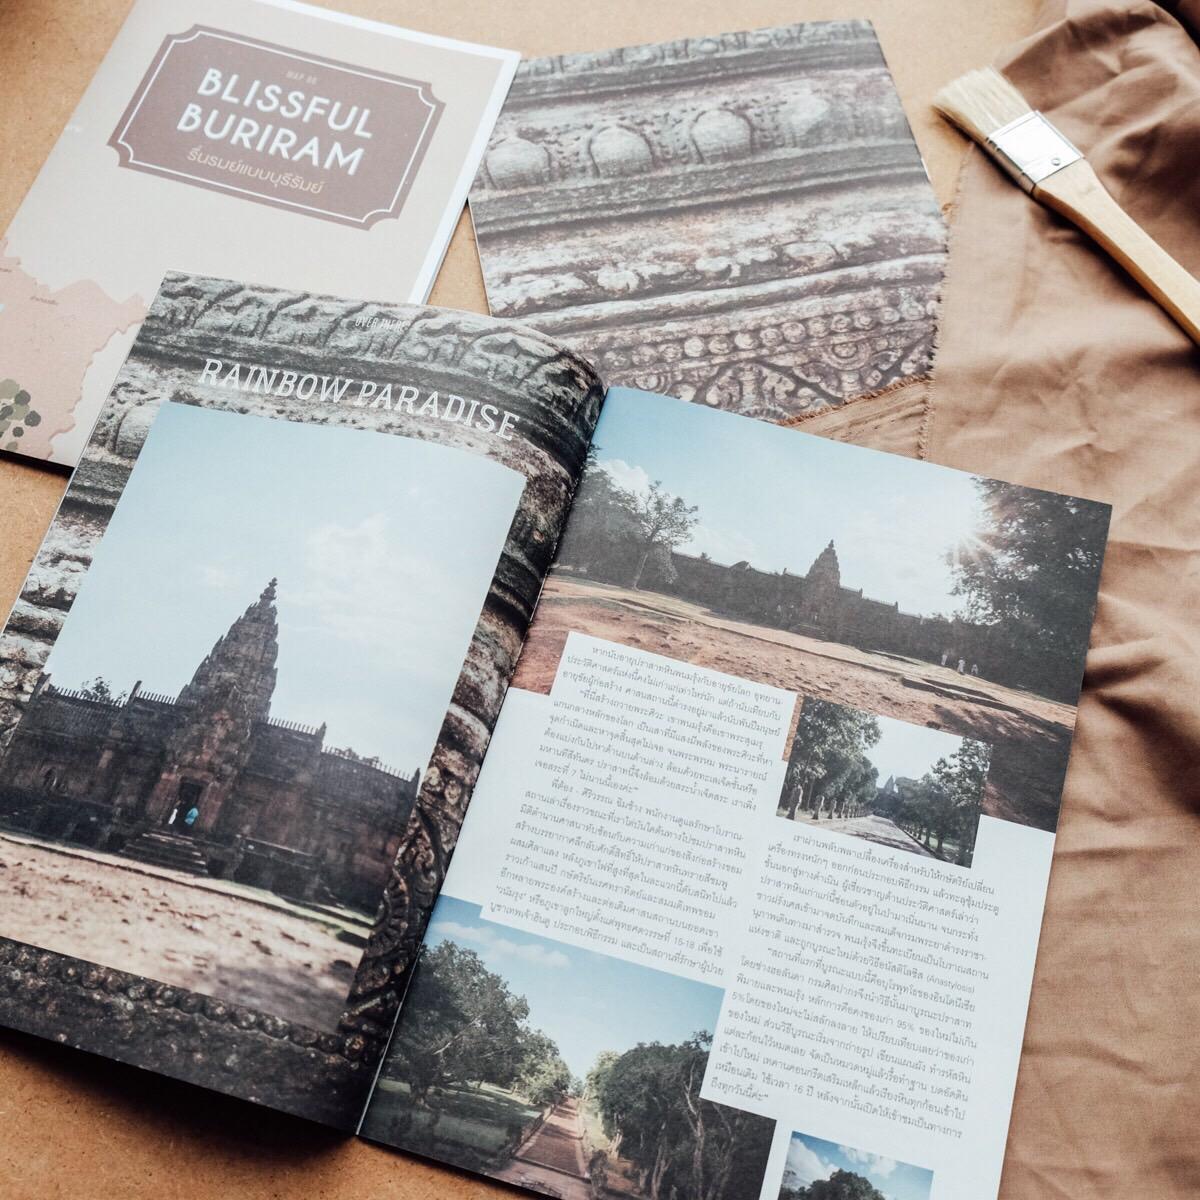 THERE-ISSUE 06 เจ้าบ้านที่ดี บุรีรัมย์ โดย #กรมการท่องเที่ยว #กระทรวงการท่องเที่ยวและกีฬา #ThereProject ,,ที่เที่ยวบุรีรัมย์ pantip,ที่กินบุรีรัมย์ pantip,บุรีรัมย์ , ดูบอล บุรีรัมย์ , ภูเขาไฟ บุรีรัมย์